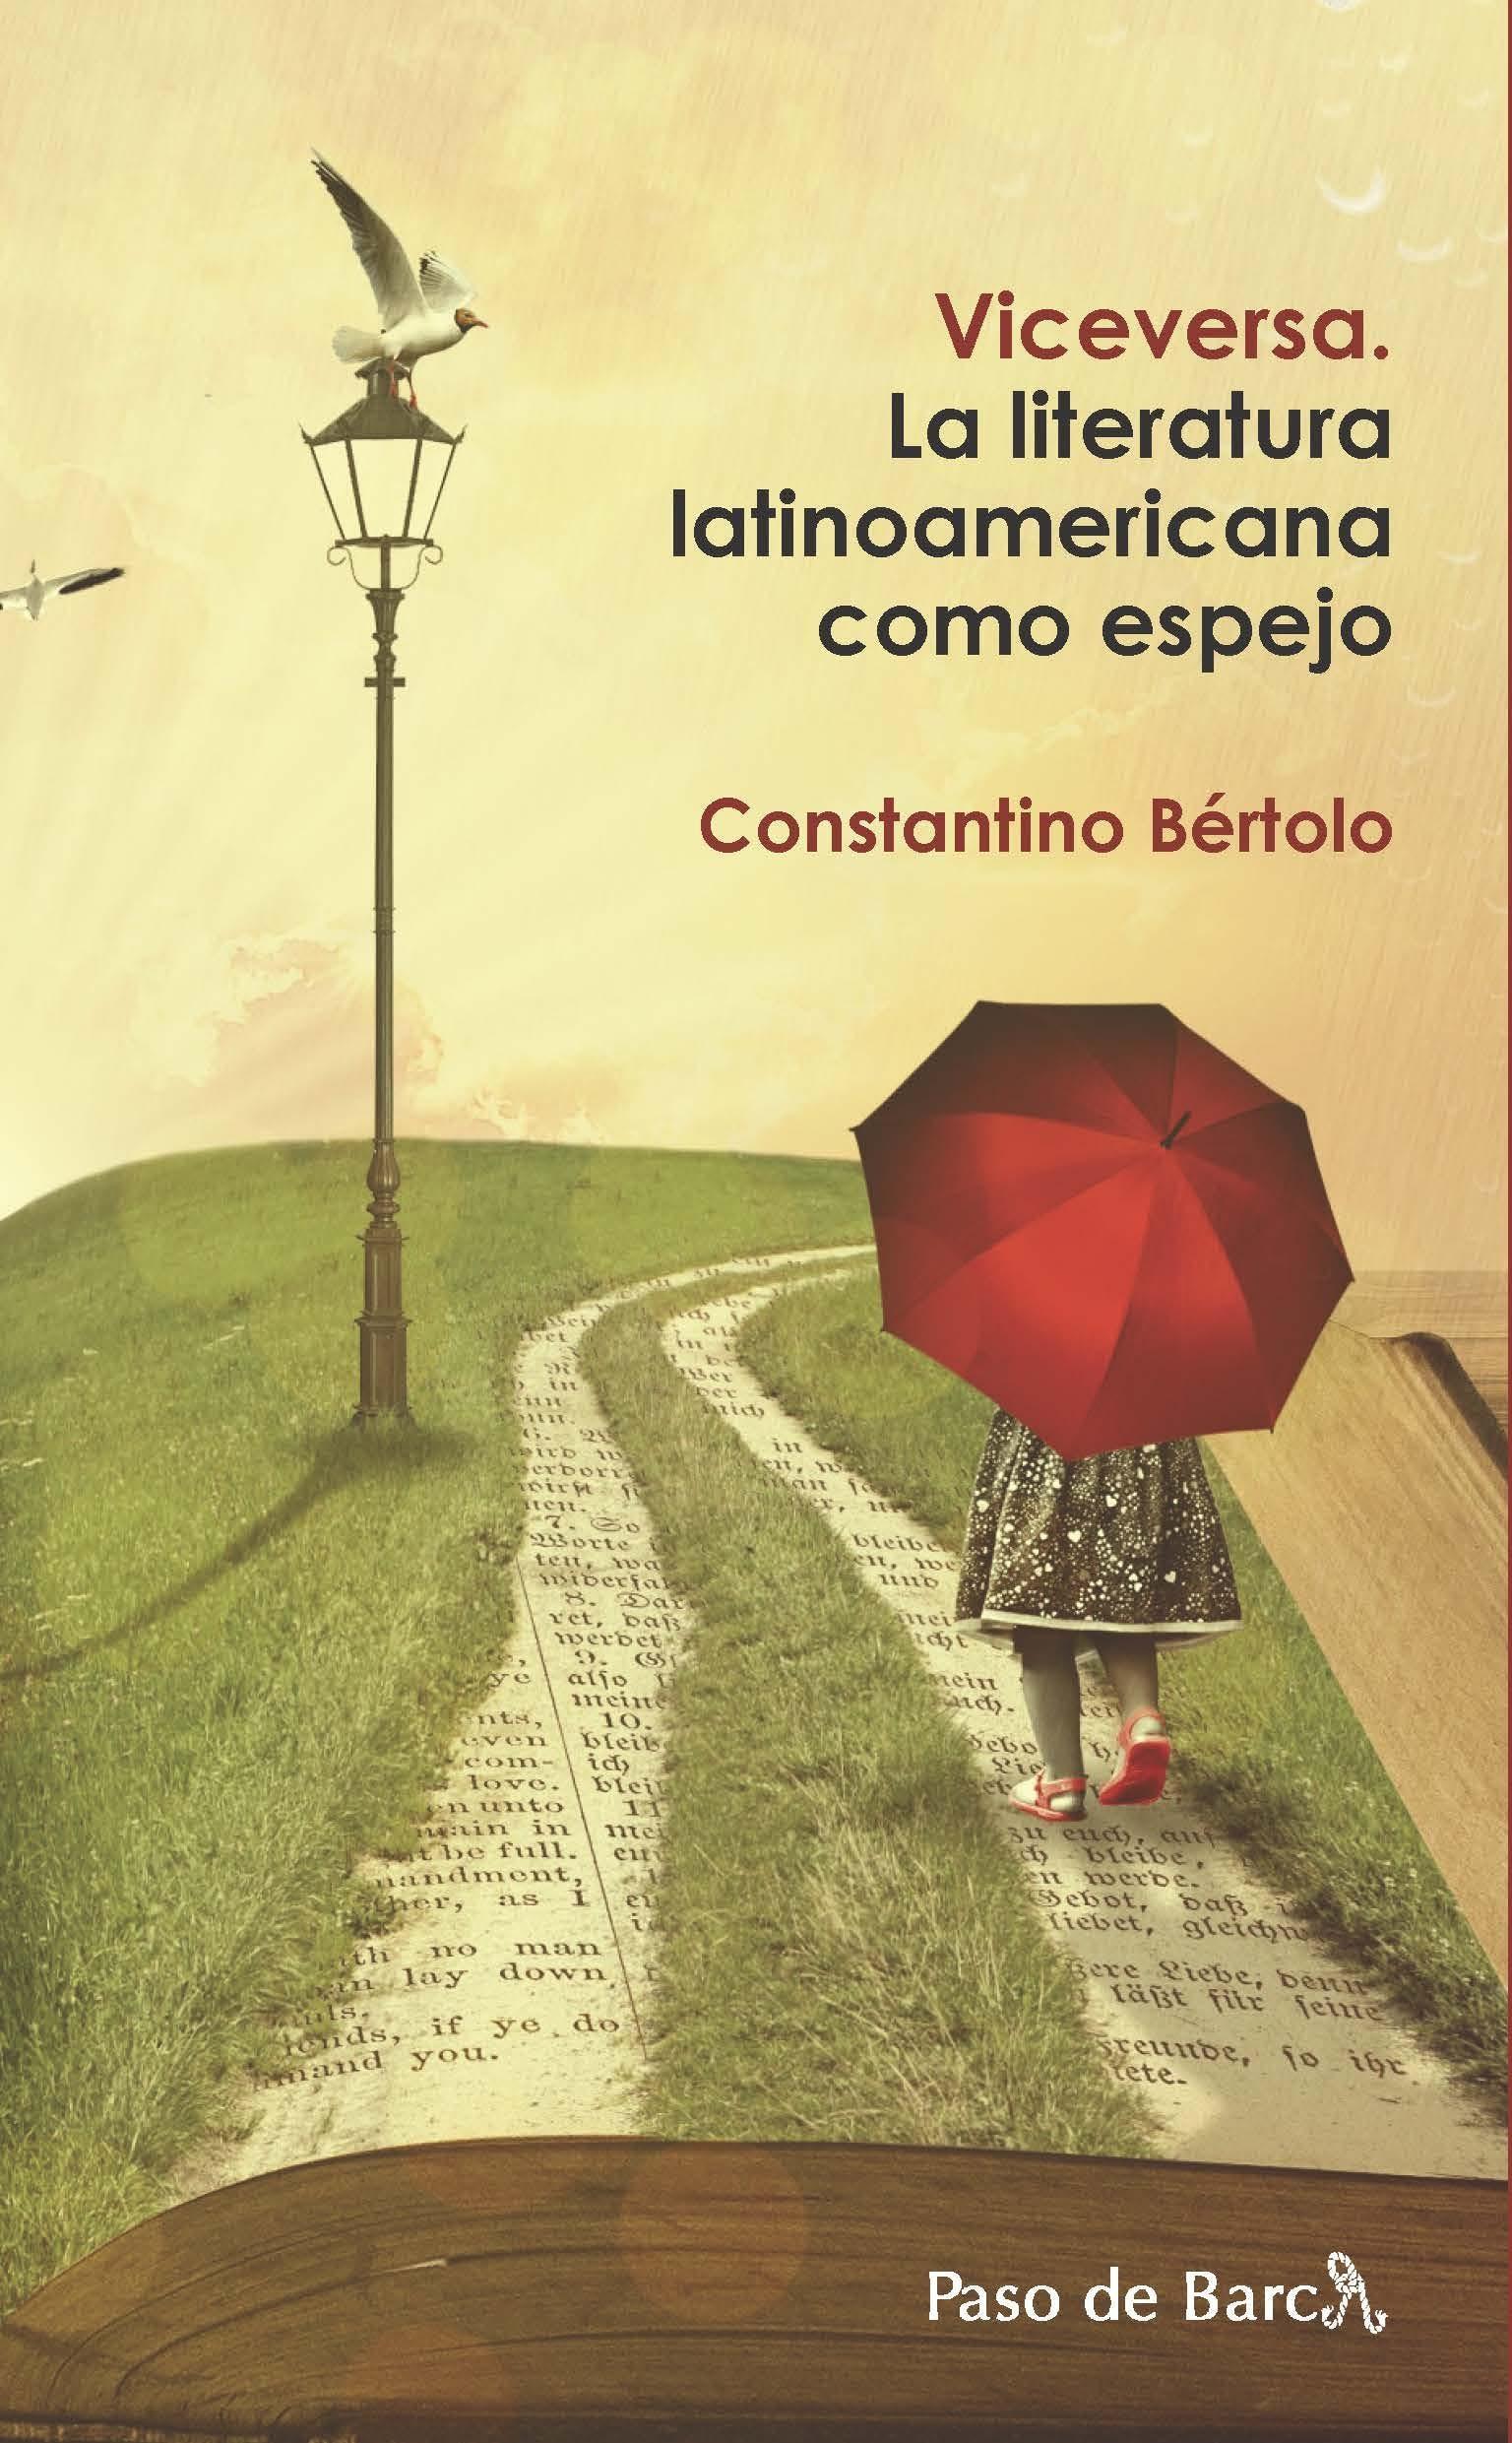 22 Aniversario de la Revista Guaraguao y presentacin del libro &quotViceversa&quot